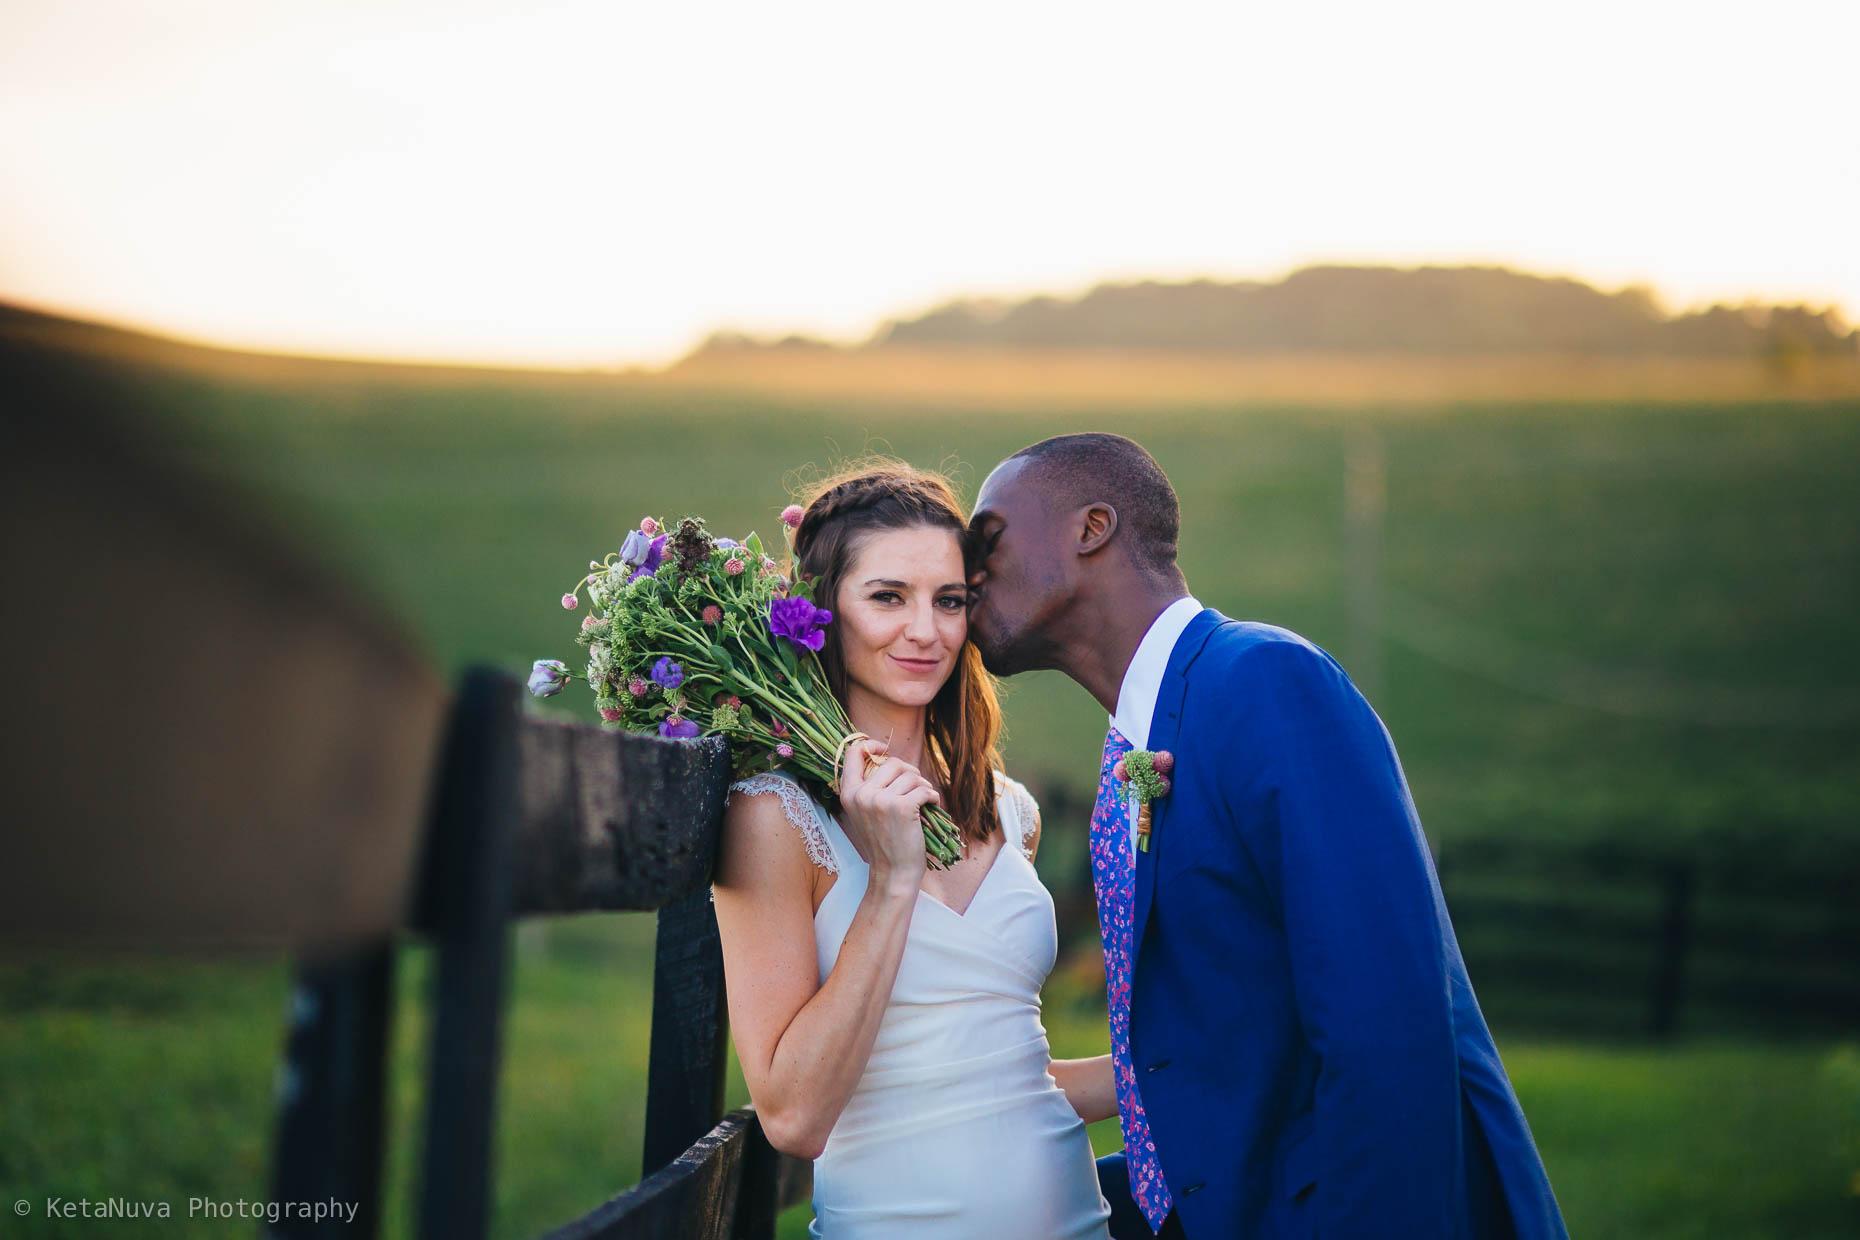 Sunken Garden - Lauxmont Farms Wedding | Aubrey & Barrett Lauxmont Farms Wedding Sunken Garden39